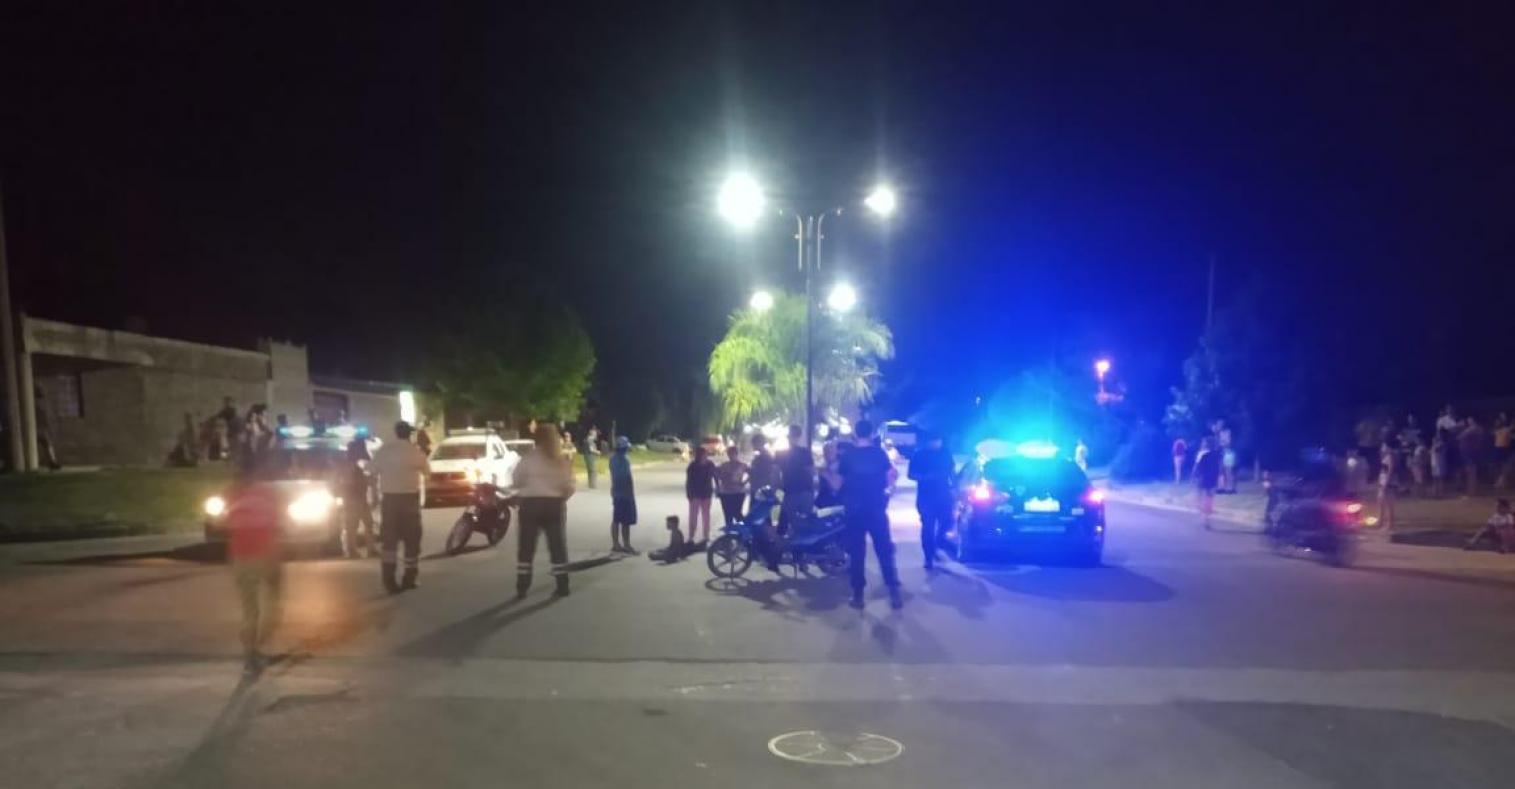 Puerto: Un joven de 15 años conducía una moto, chocó a otra y se escapó